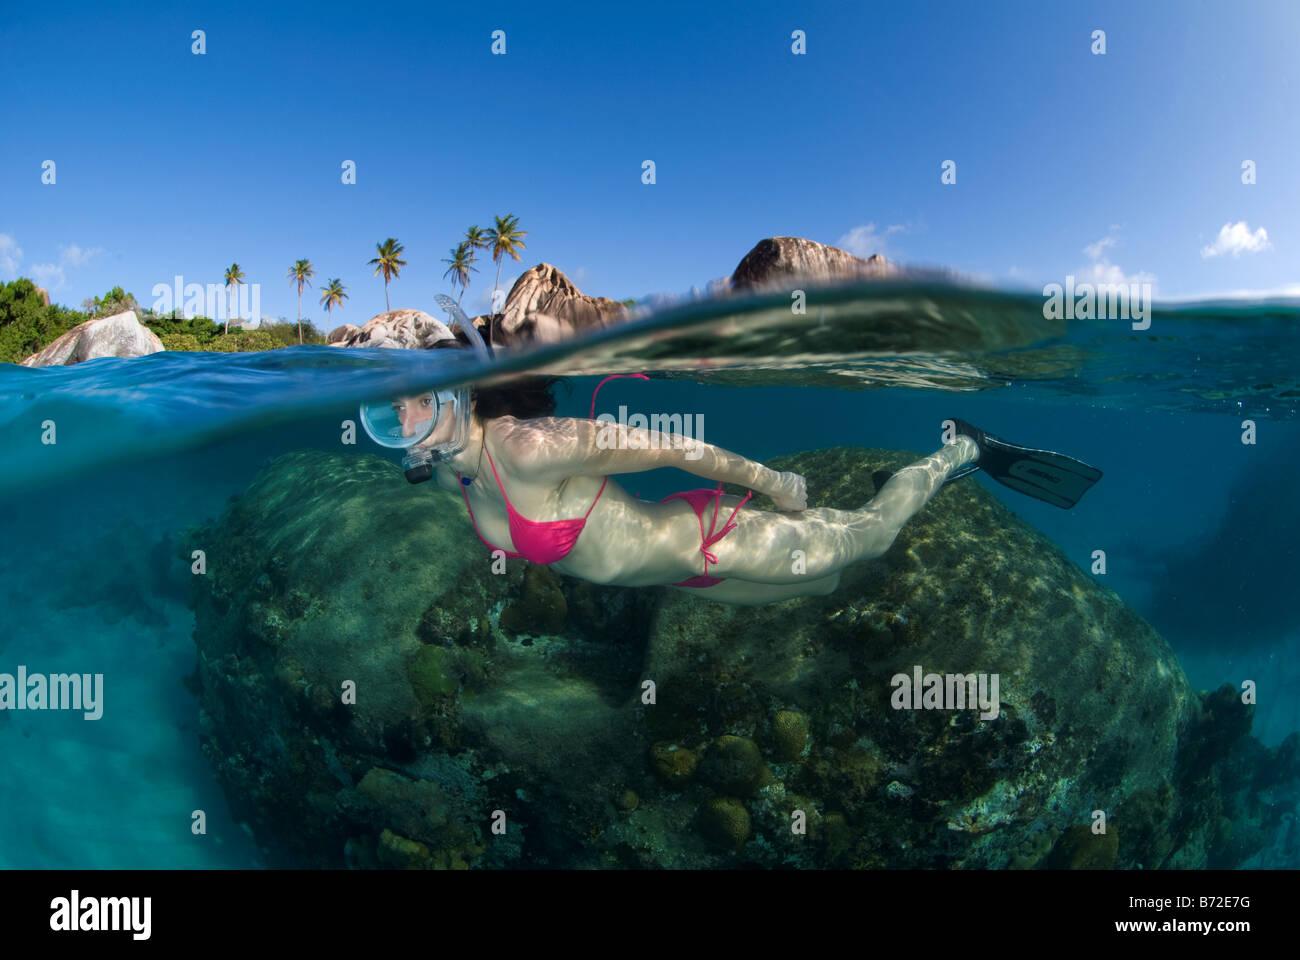 Plongée avec tuba dans les bains plage, îles Vierges britanniques, plongeur femelle, noire, masques, bikini, Photo Stock